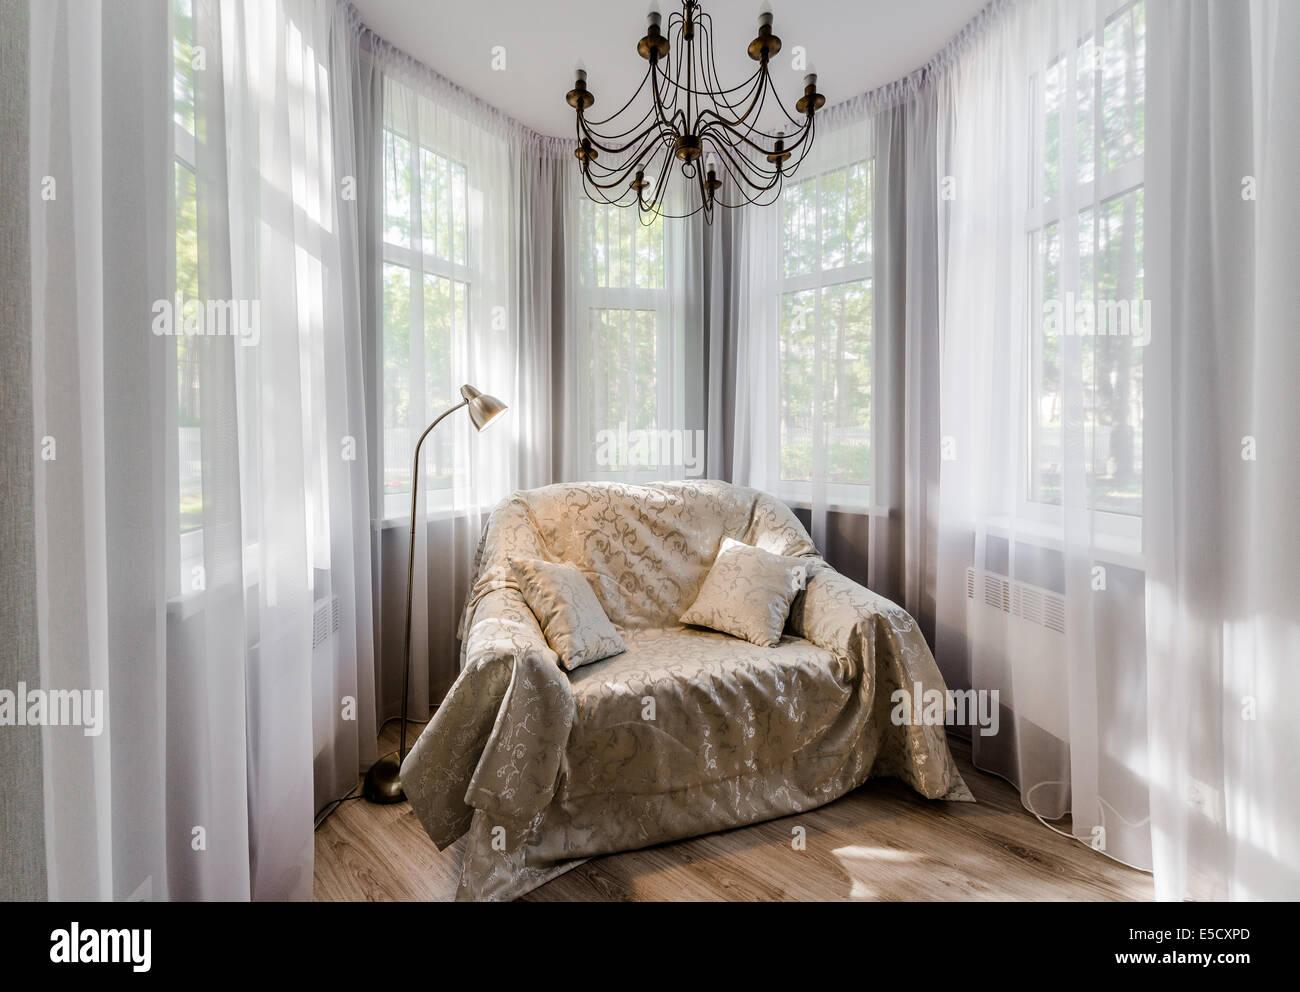 Elegant room interior - Stock Image